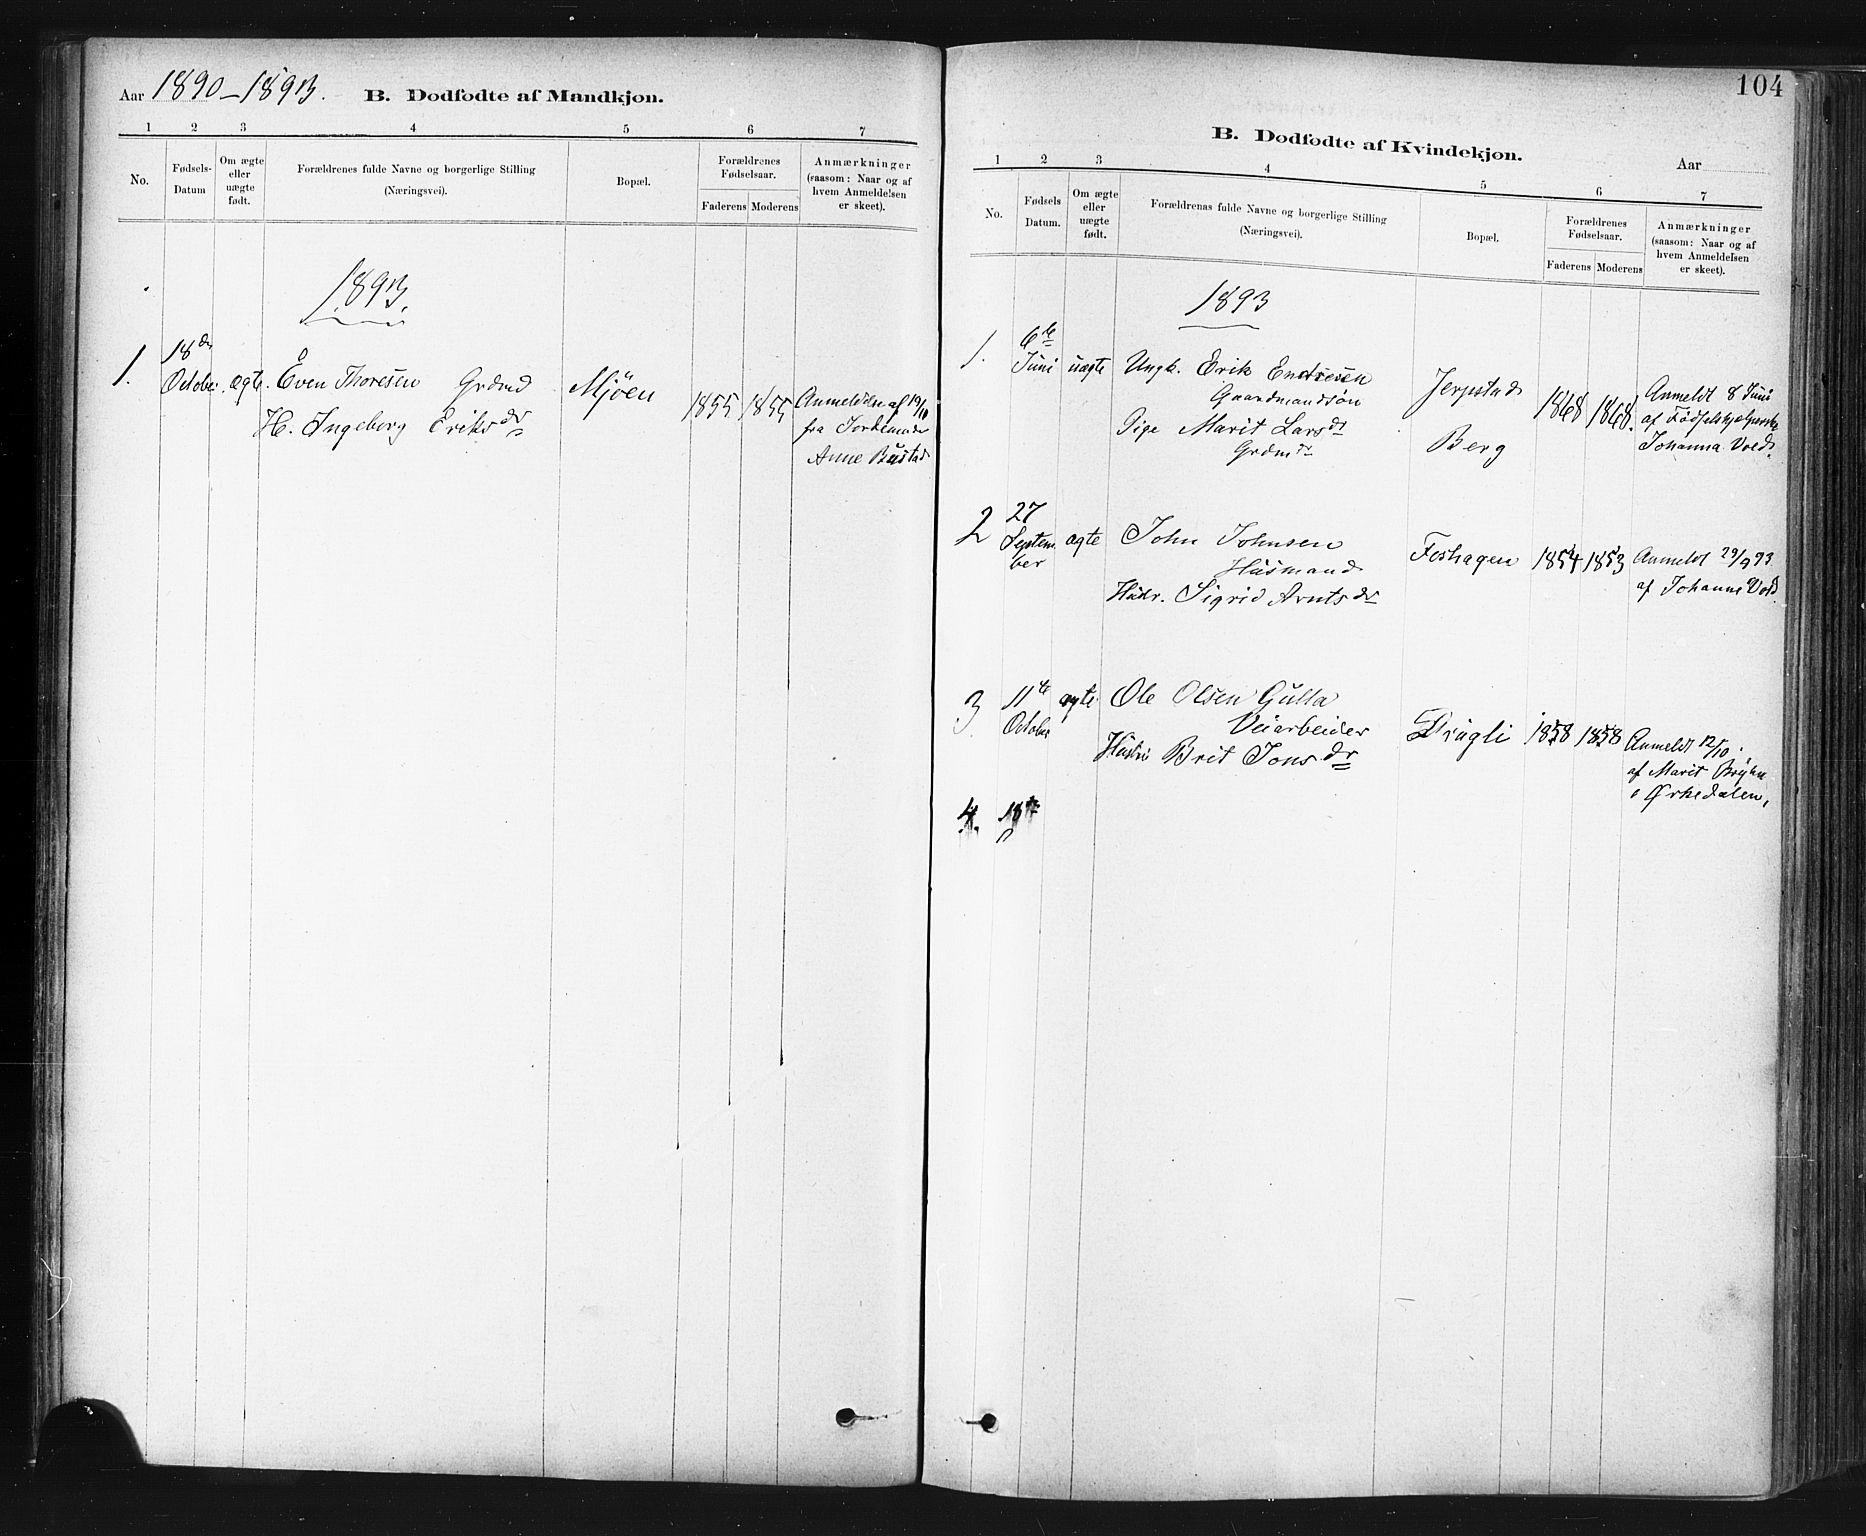 SAT, Ministerialprotokoller, klokkerbøker og fødselsregistre - Sør-Trøndelag, 672/L0857: Ministerialbok nr. 672A09, 1882-1893, s. 104